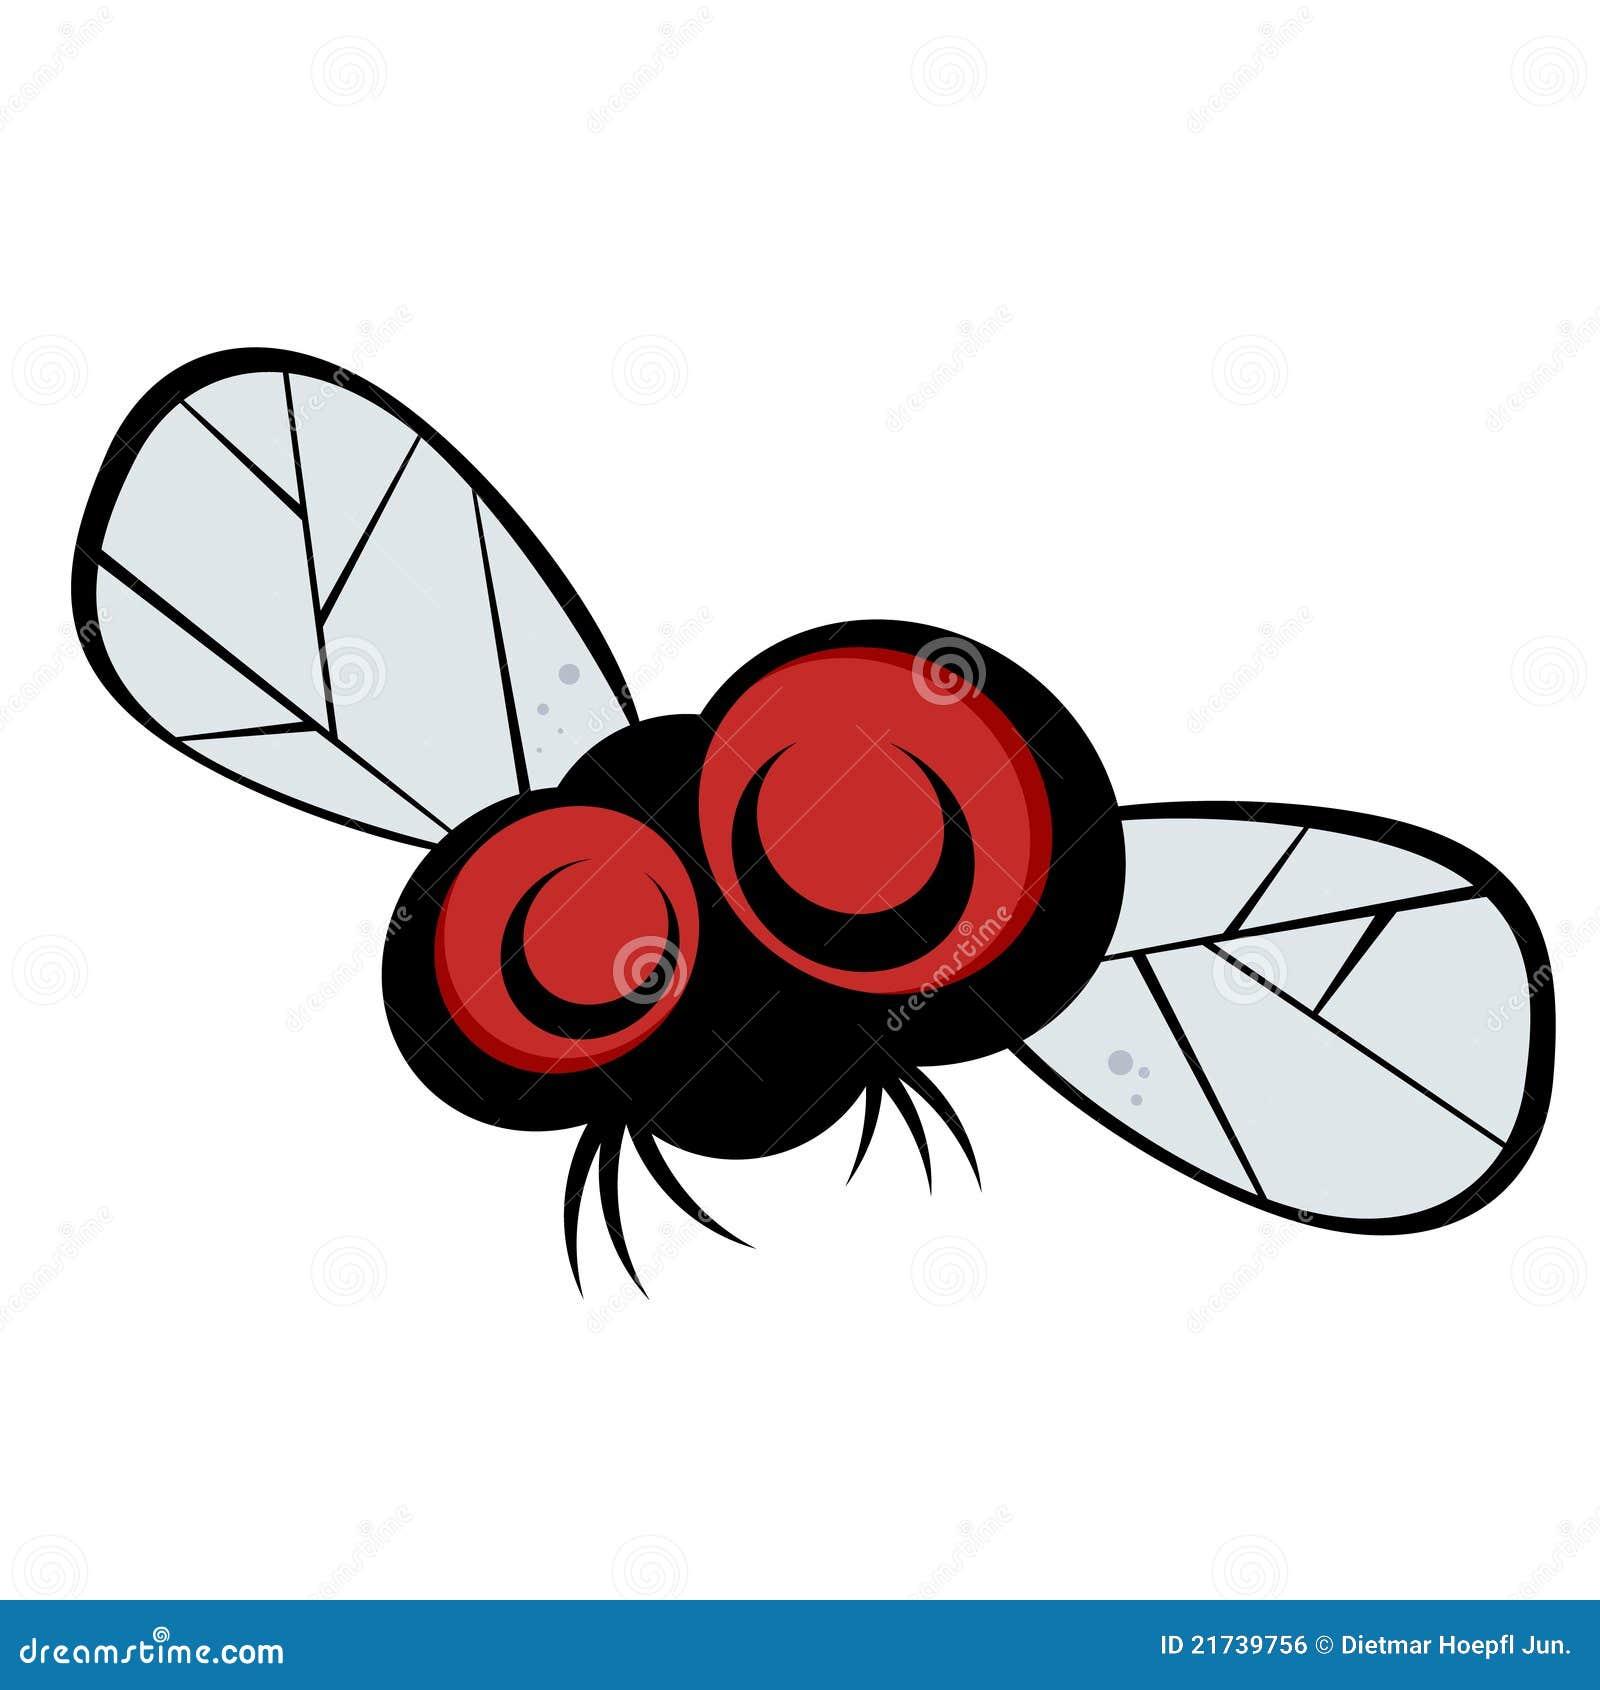 Dessin anim bug eyed de mouche image libre de droits - Dessin de mouche ...